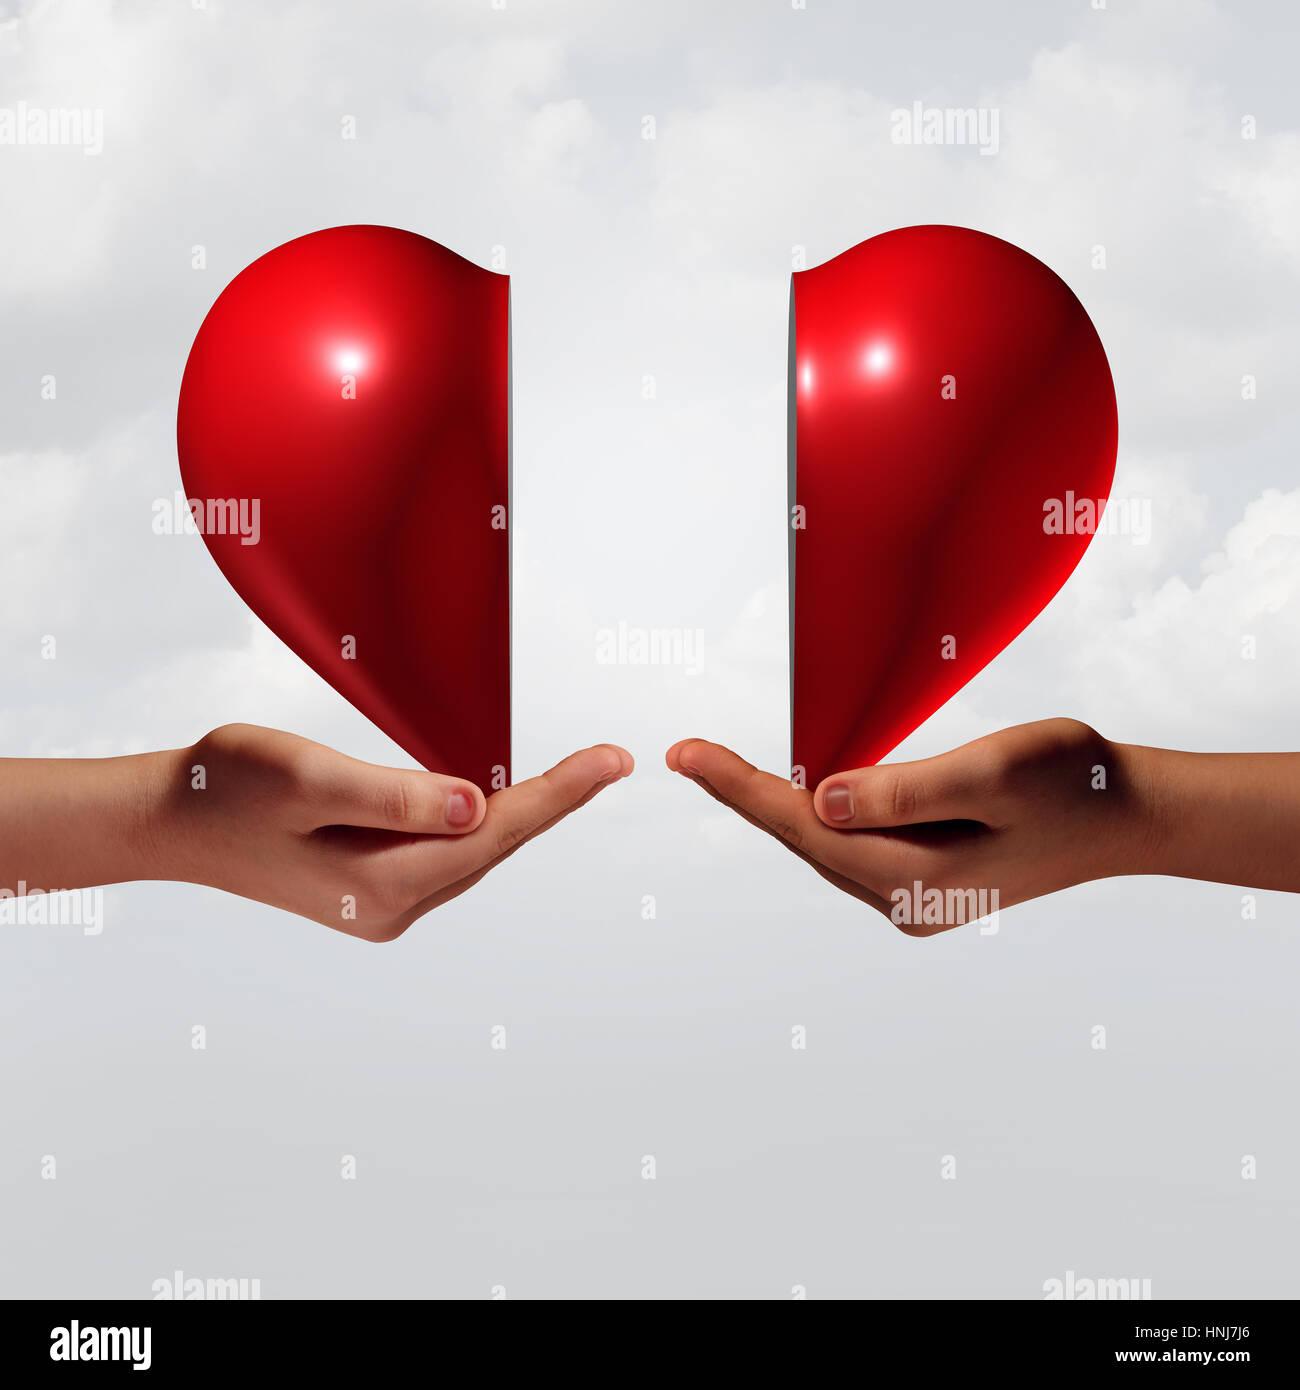 Liebe Verbindung Romantik und Beziehung paar Probleme Konzept wie zwei menschliche Hände halten ein Valentine Stockbild